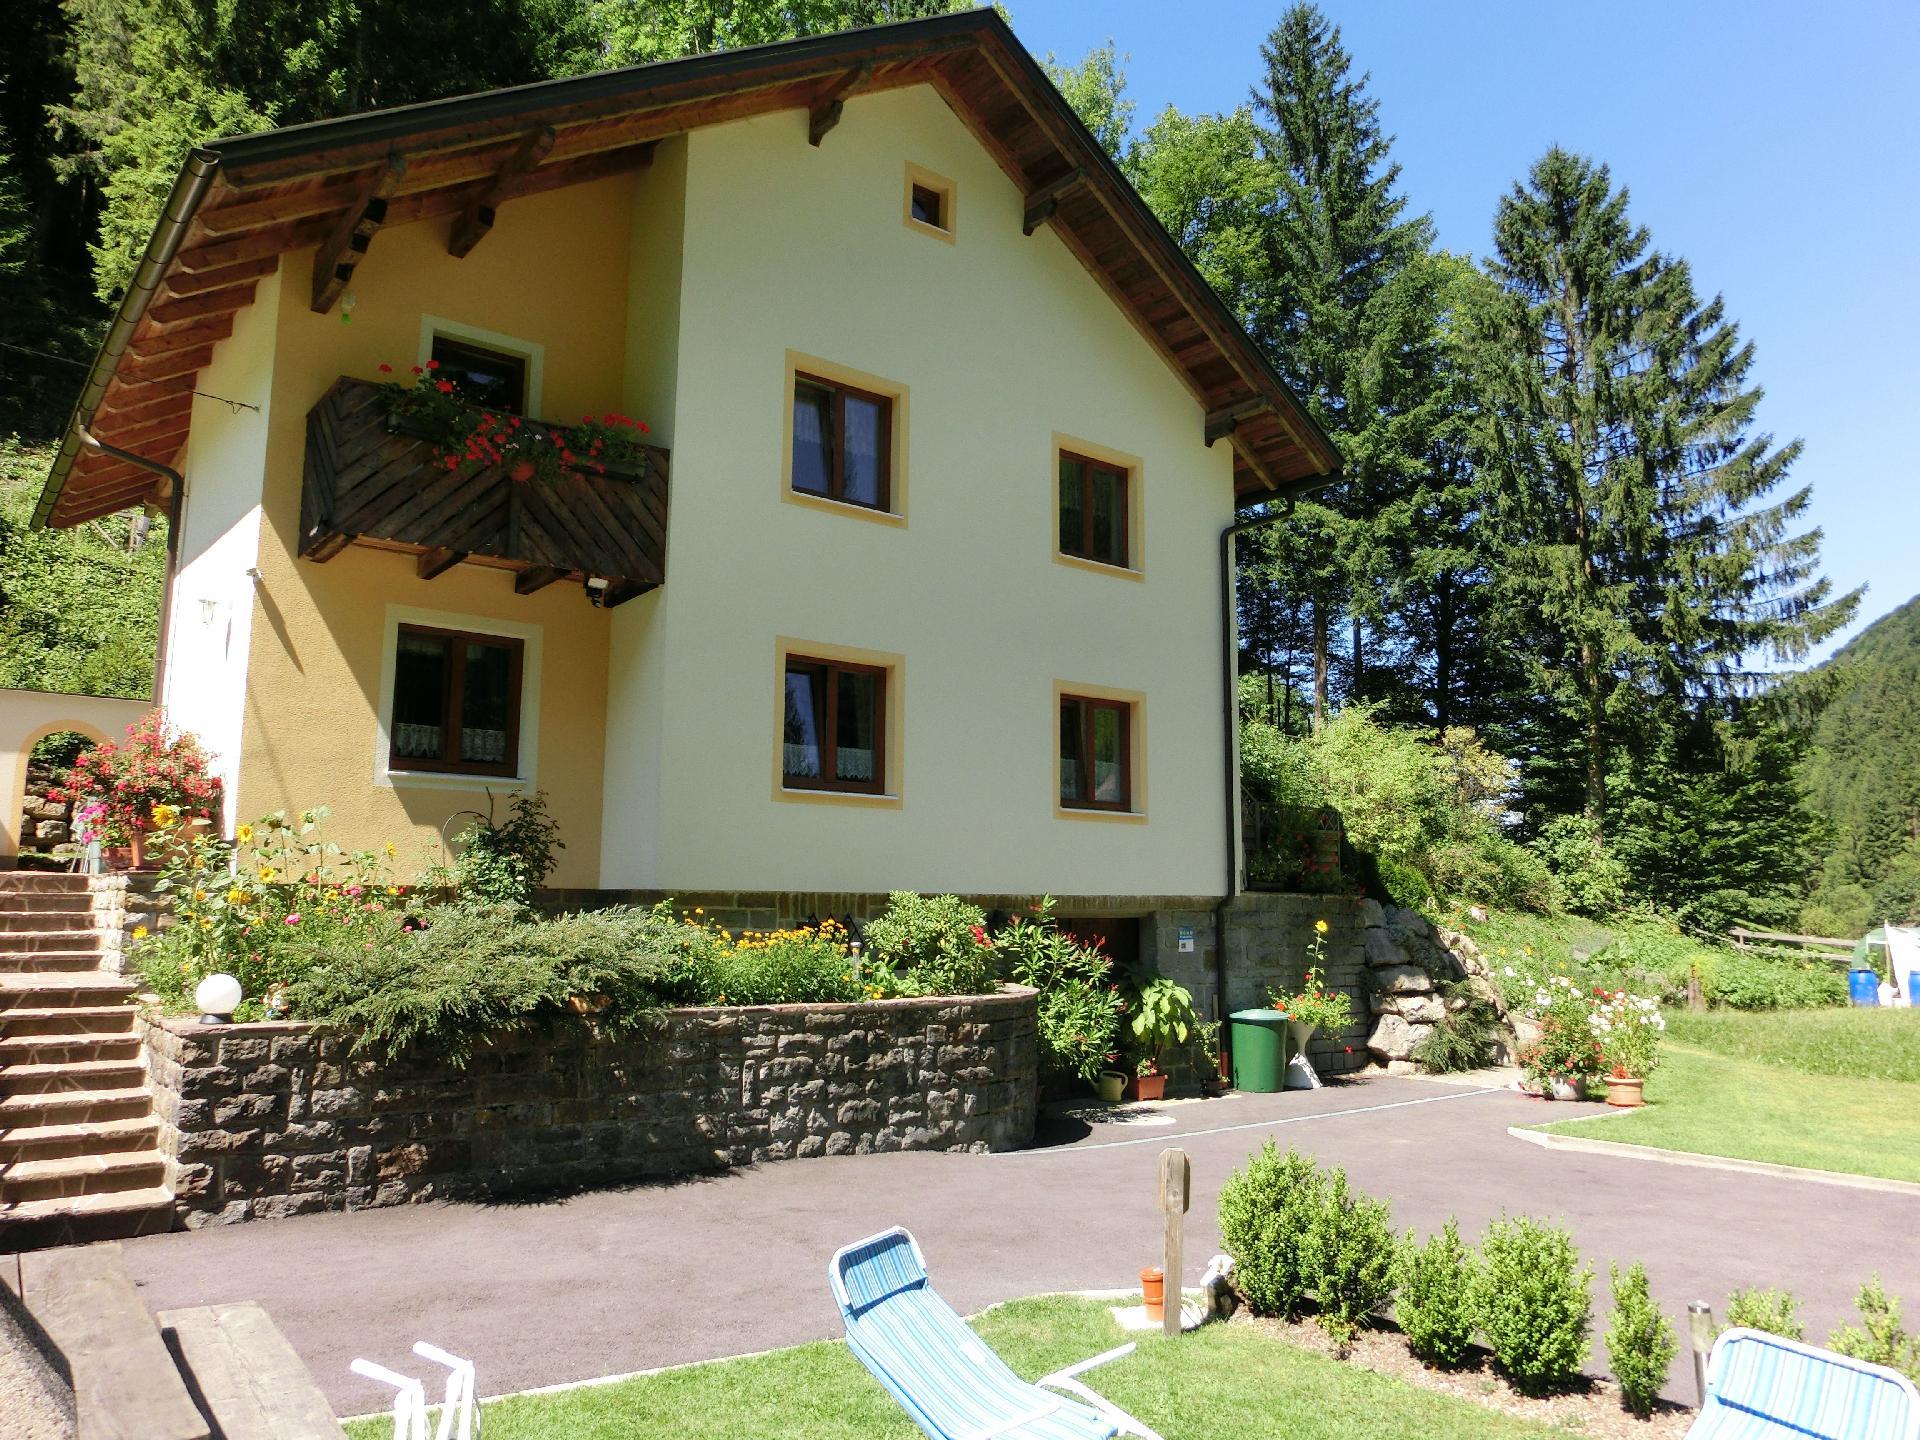 Ferienwohnung für 4 Personen ca. 70 m² i   Niederösterreich